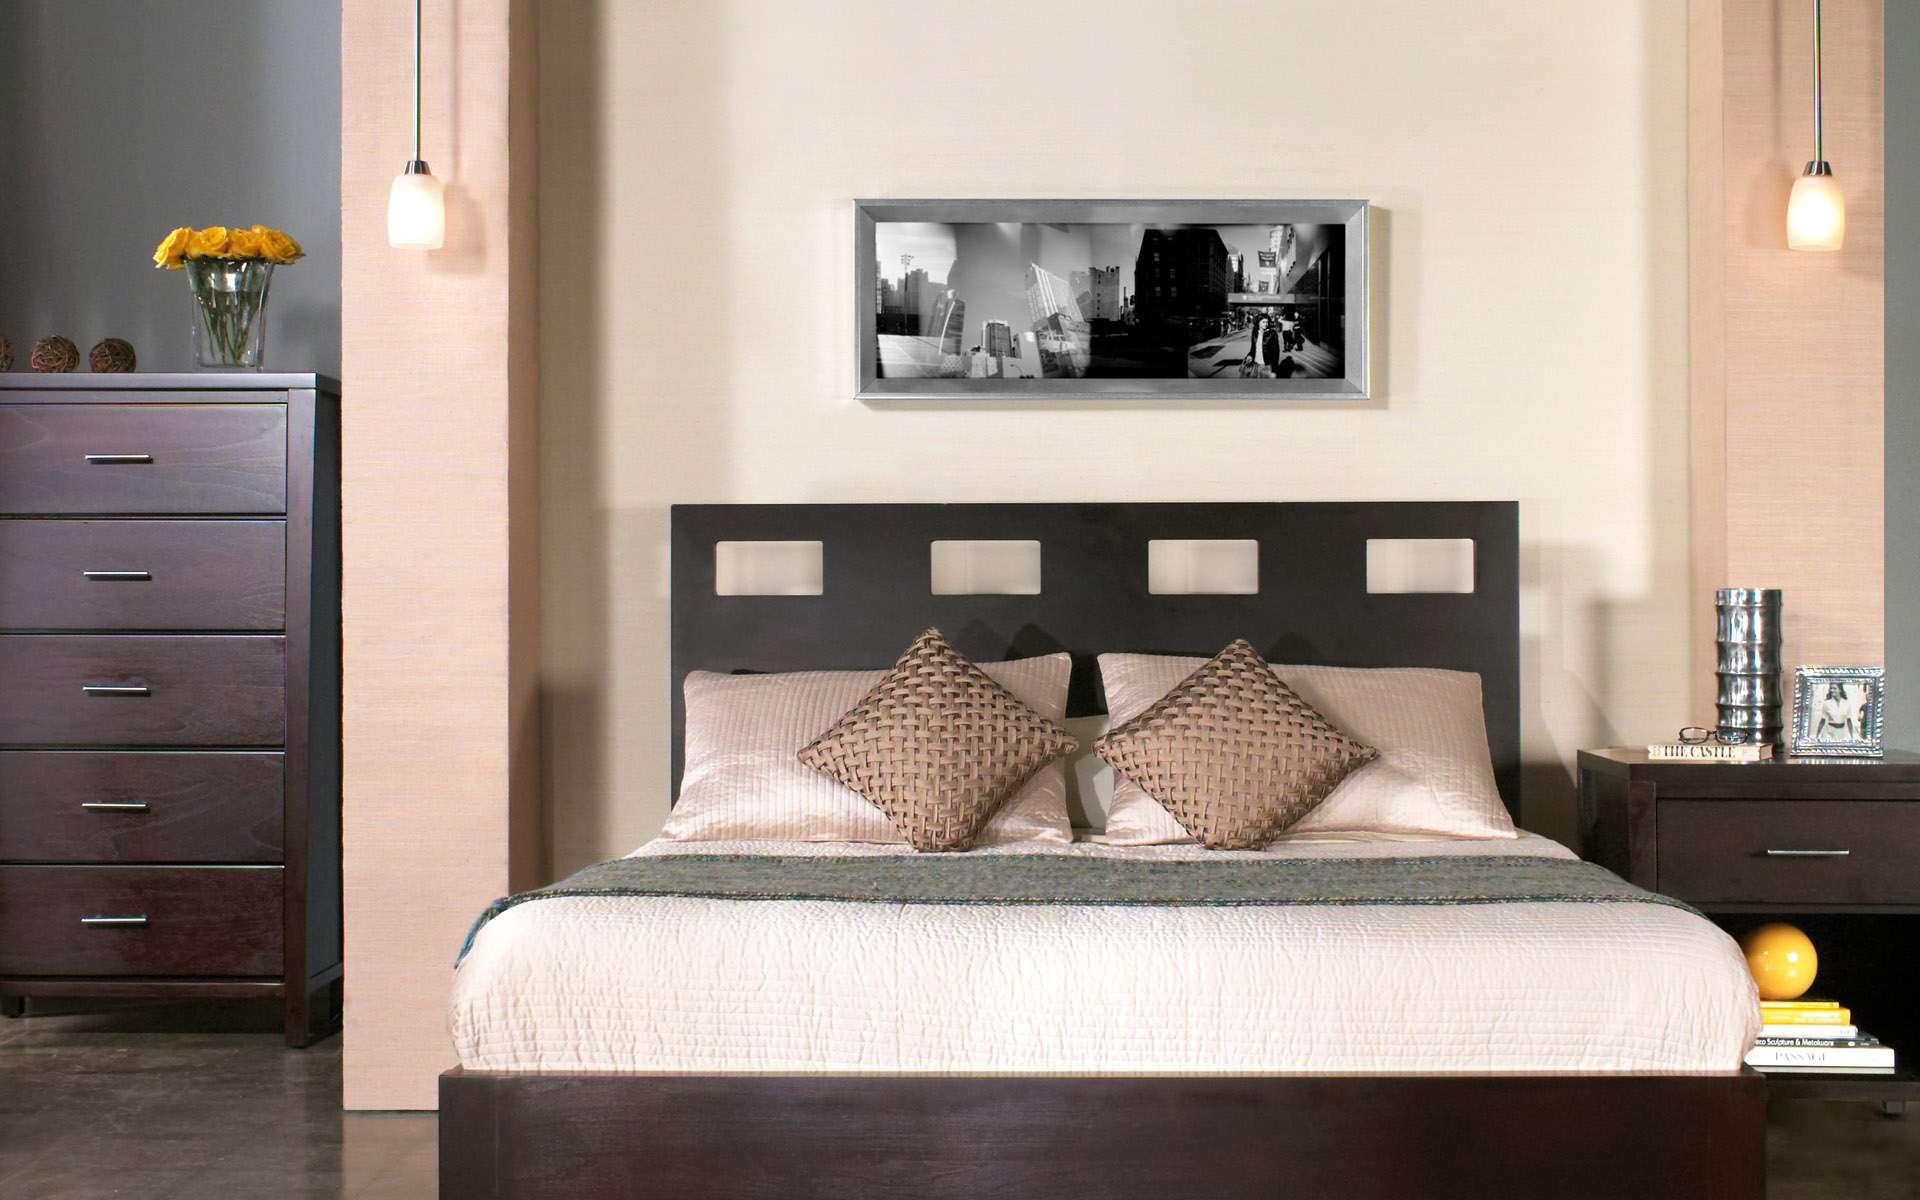 9yxj مجموعة صور لديكورات غرف نوم 2014 حديثة ومودرن و تركيةوكلاسيكية من أحدث وأجمل وأفخم تشكيلة ديكورات غرف نوم 2014